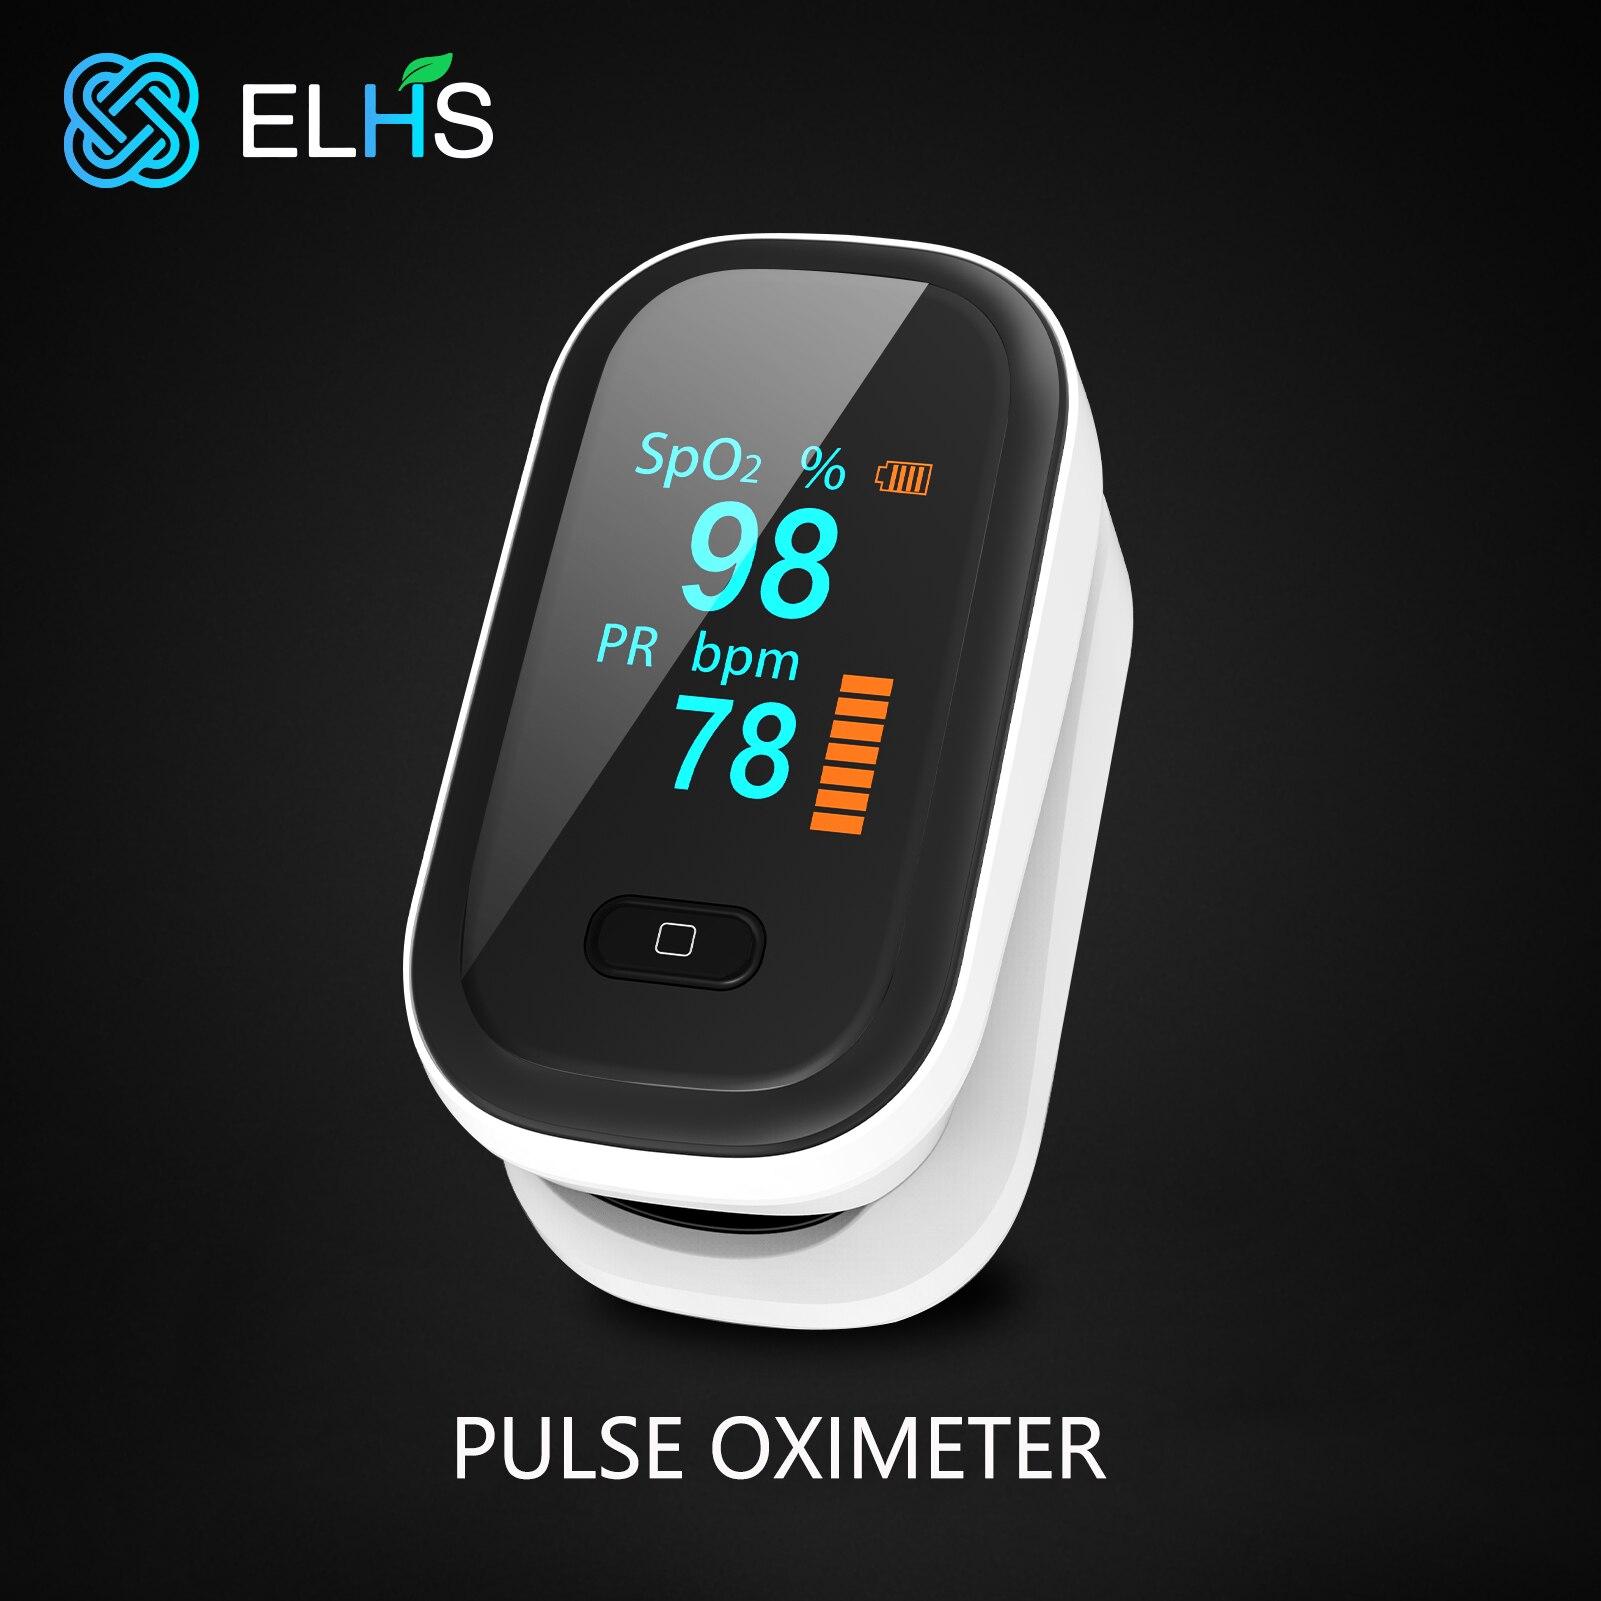 Пульсоксиметр на кончик пальца, прибор для измерения уровня кислорода в крови, профессиональный Пальчиковый, с OLED-экраном пульс аксиметр па...